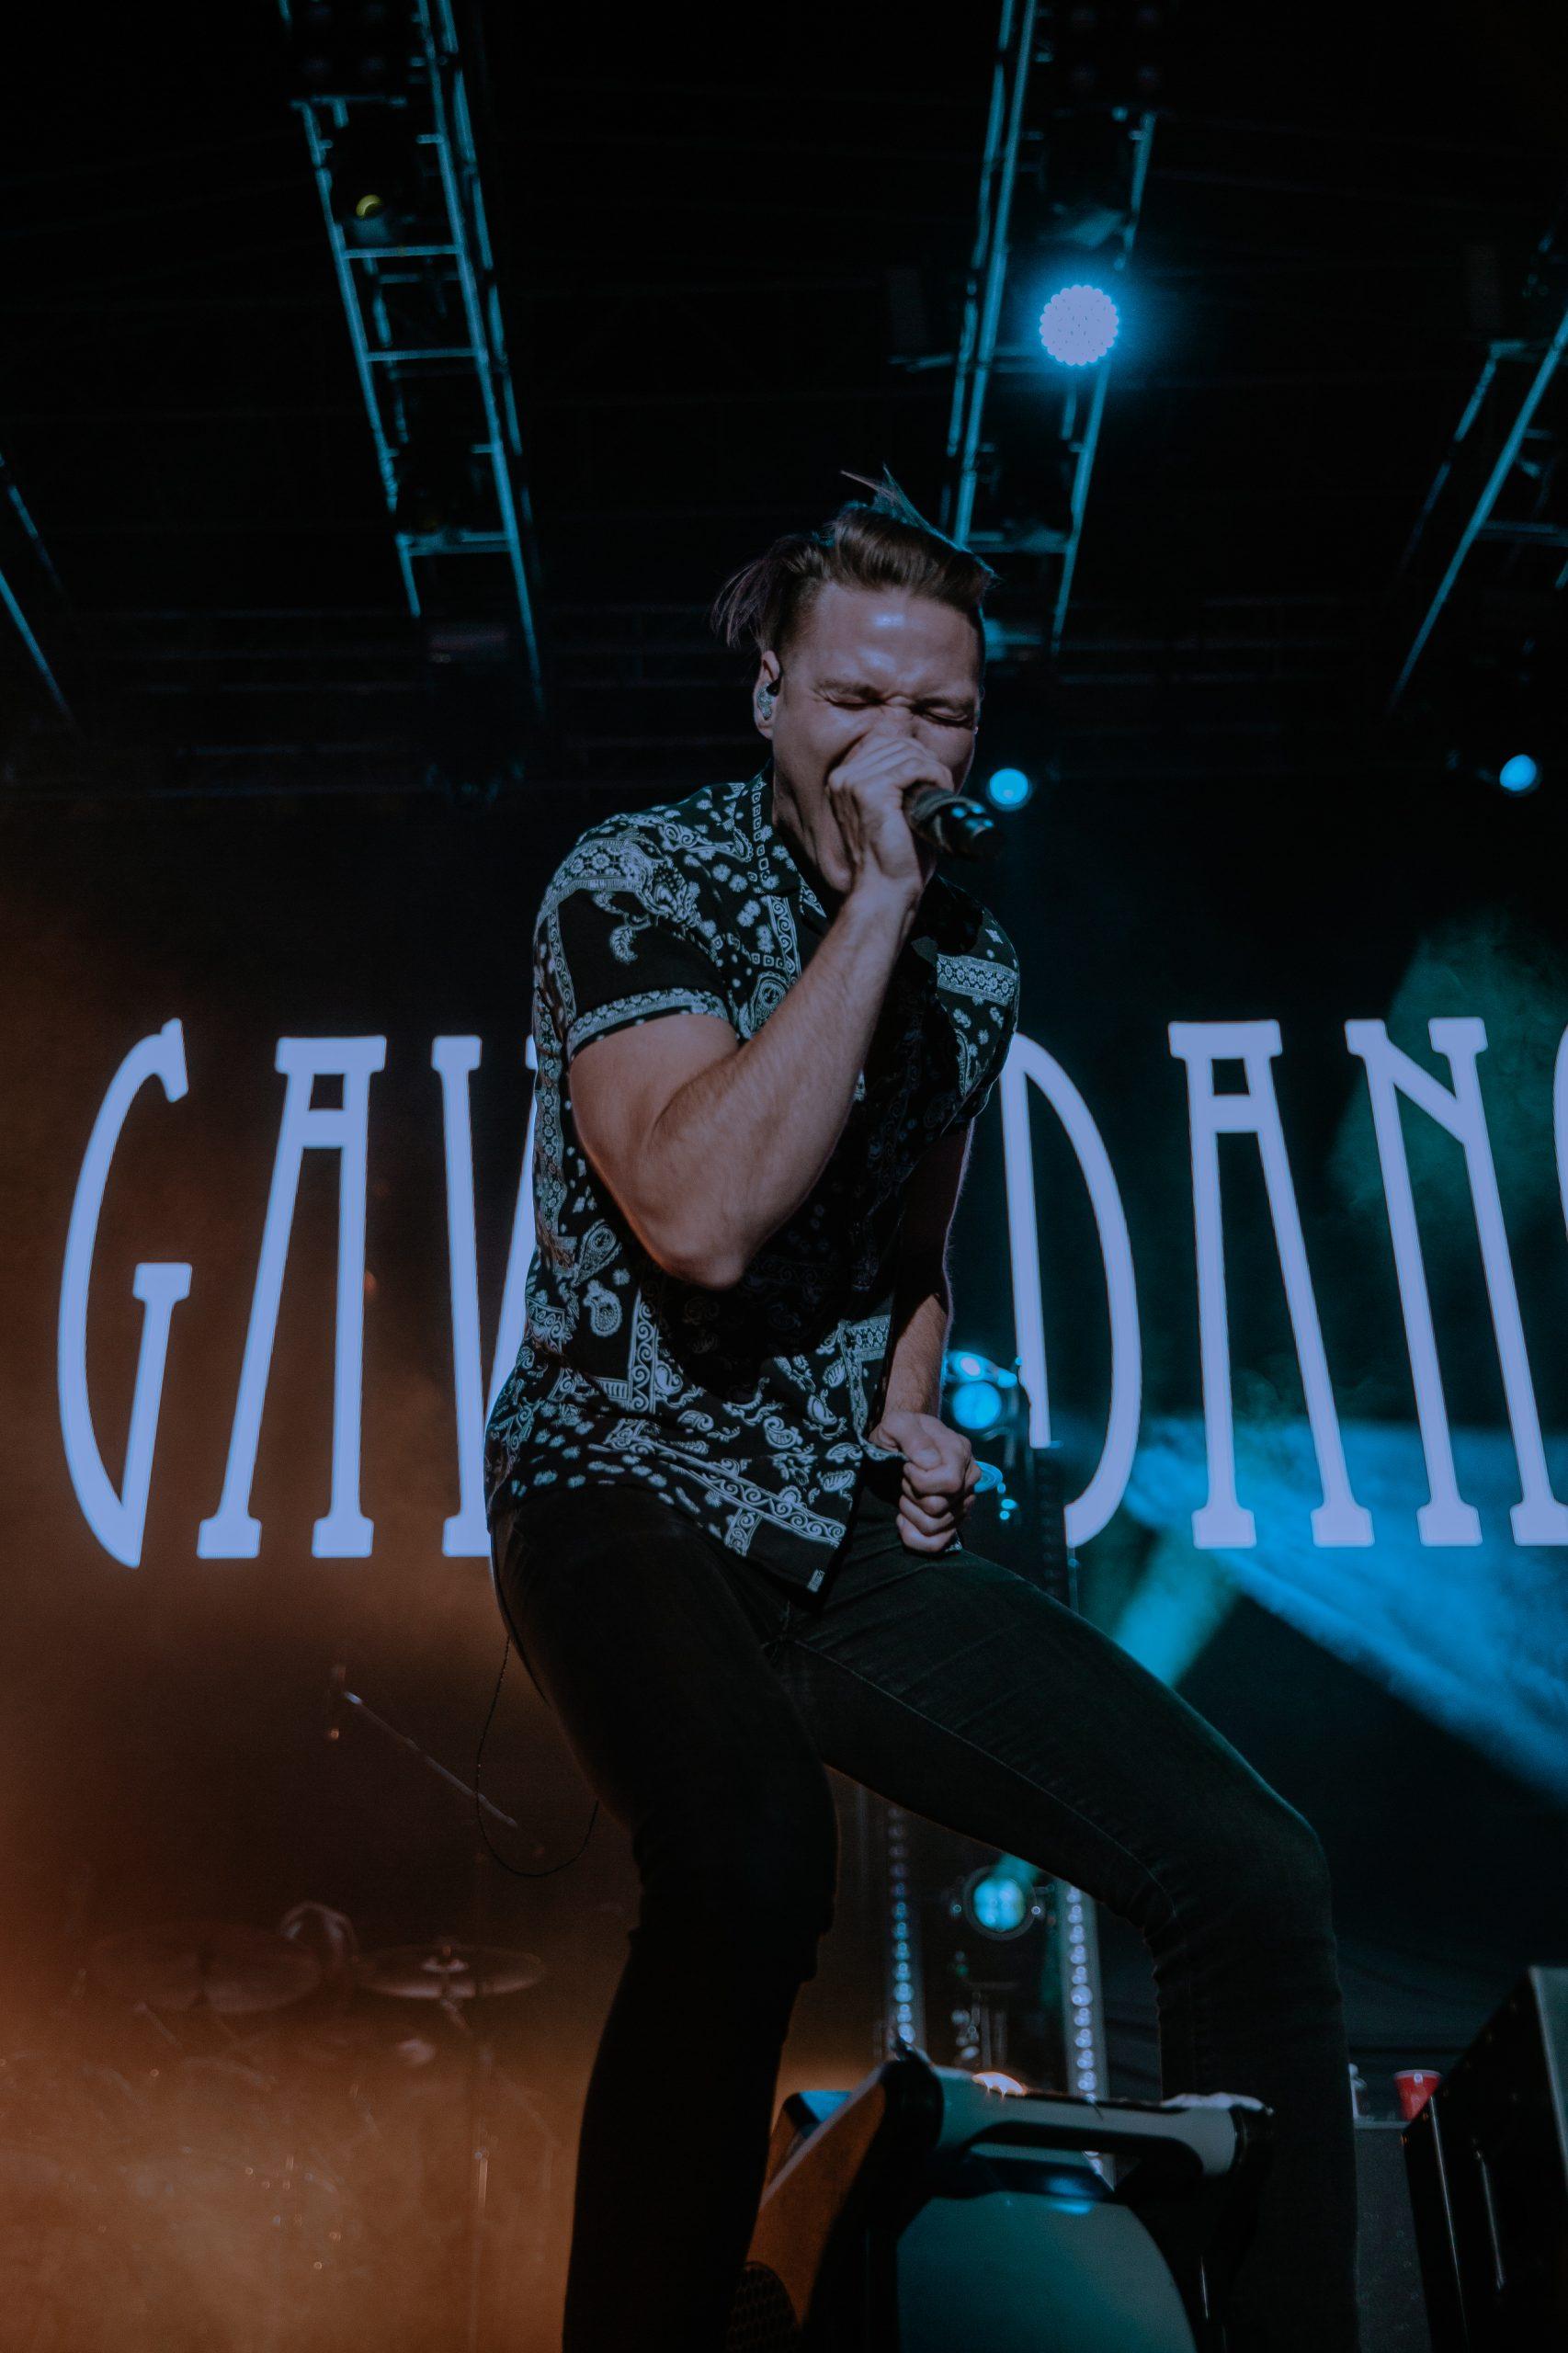 Dance Gavin Dance Tilian Pearson live